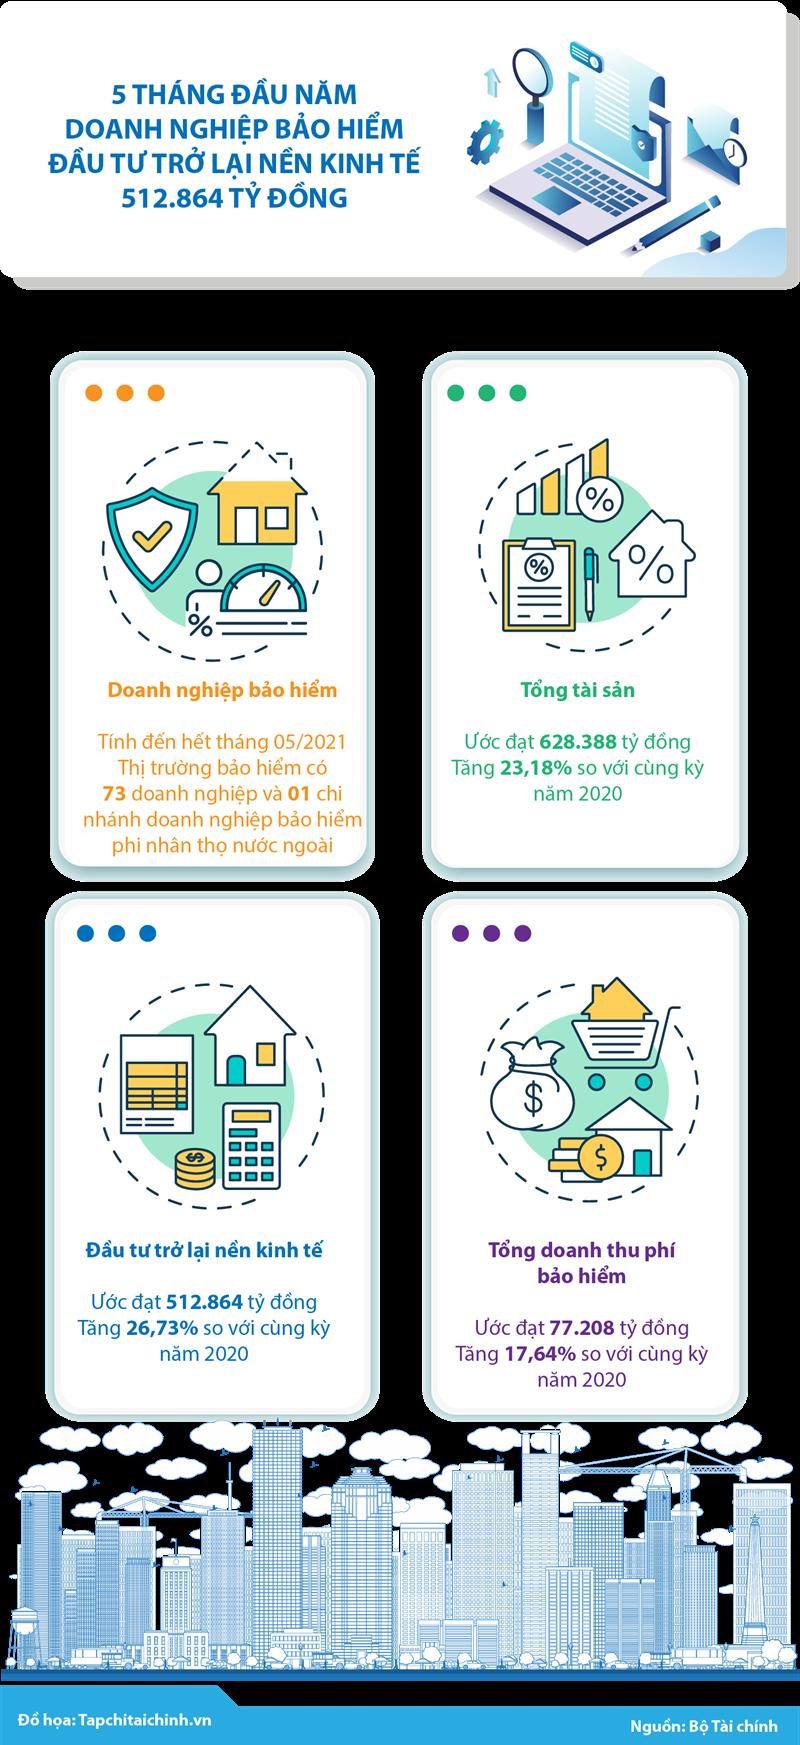 [Infographics] 5 tháng đầu năm, doanh nghiệp bảo hiểm đầu tư trở lại nền kinh tế 512.864 tỷ đồng - Ảnh 1